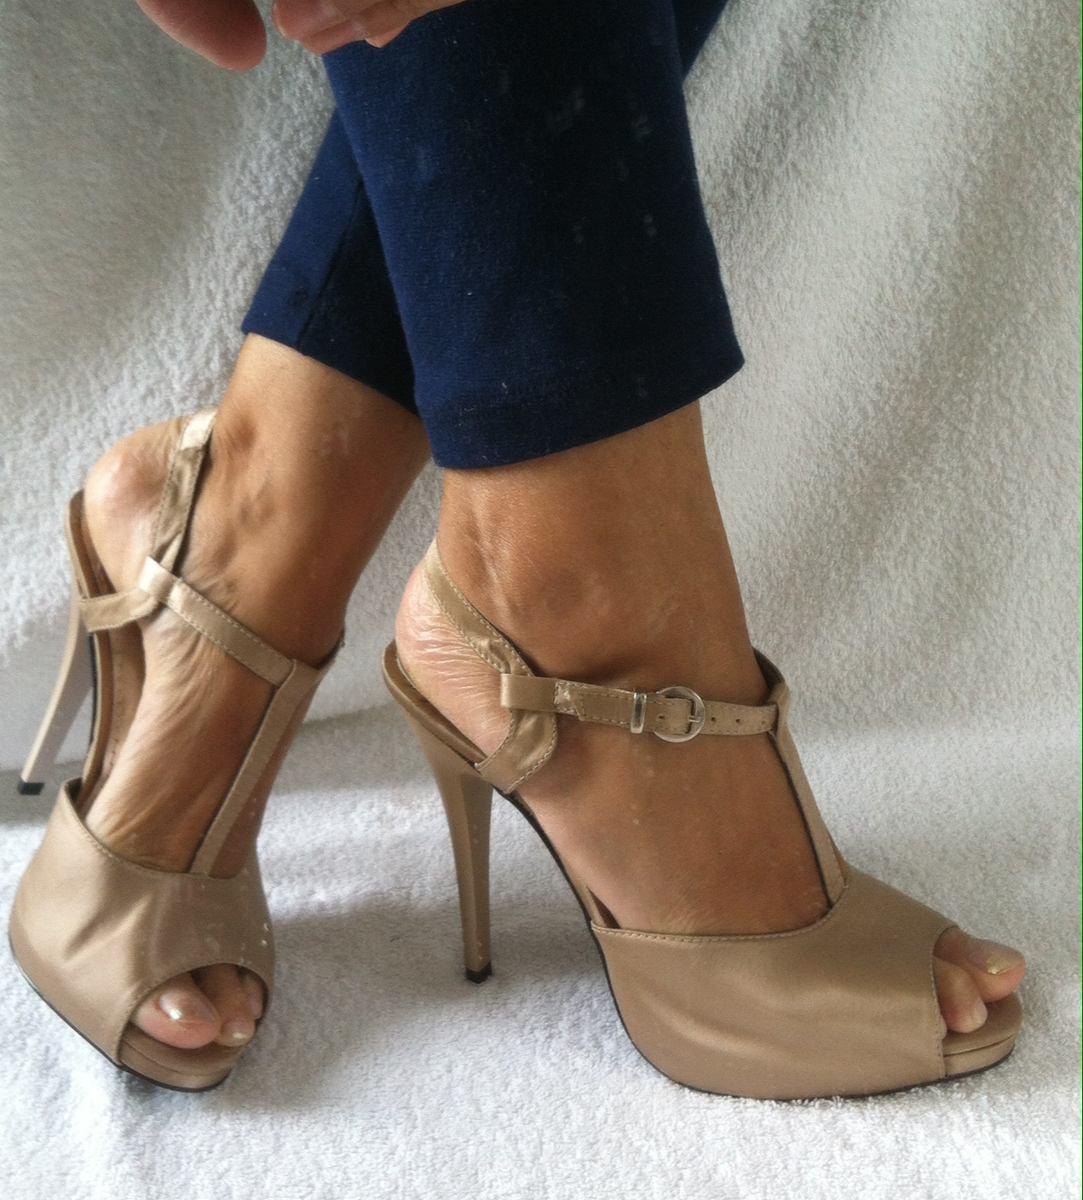 002adc657 Sapato Feminino Dourado Em Cetim. Lindíssima! - R$ 60,00 em Mercado ...